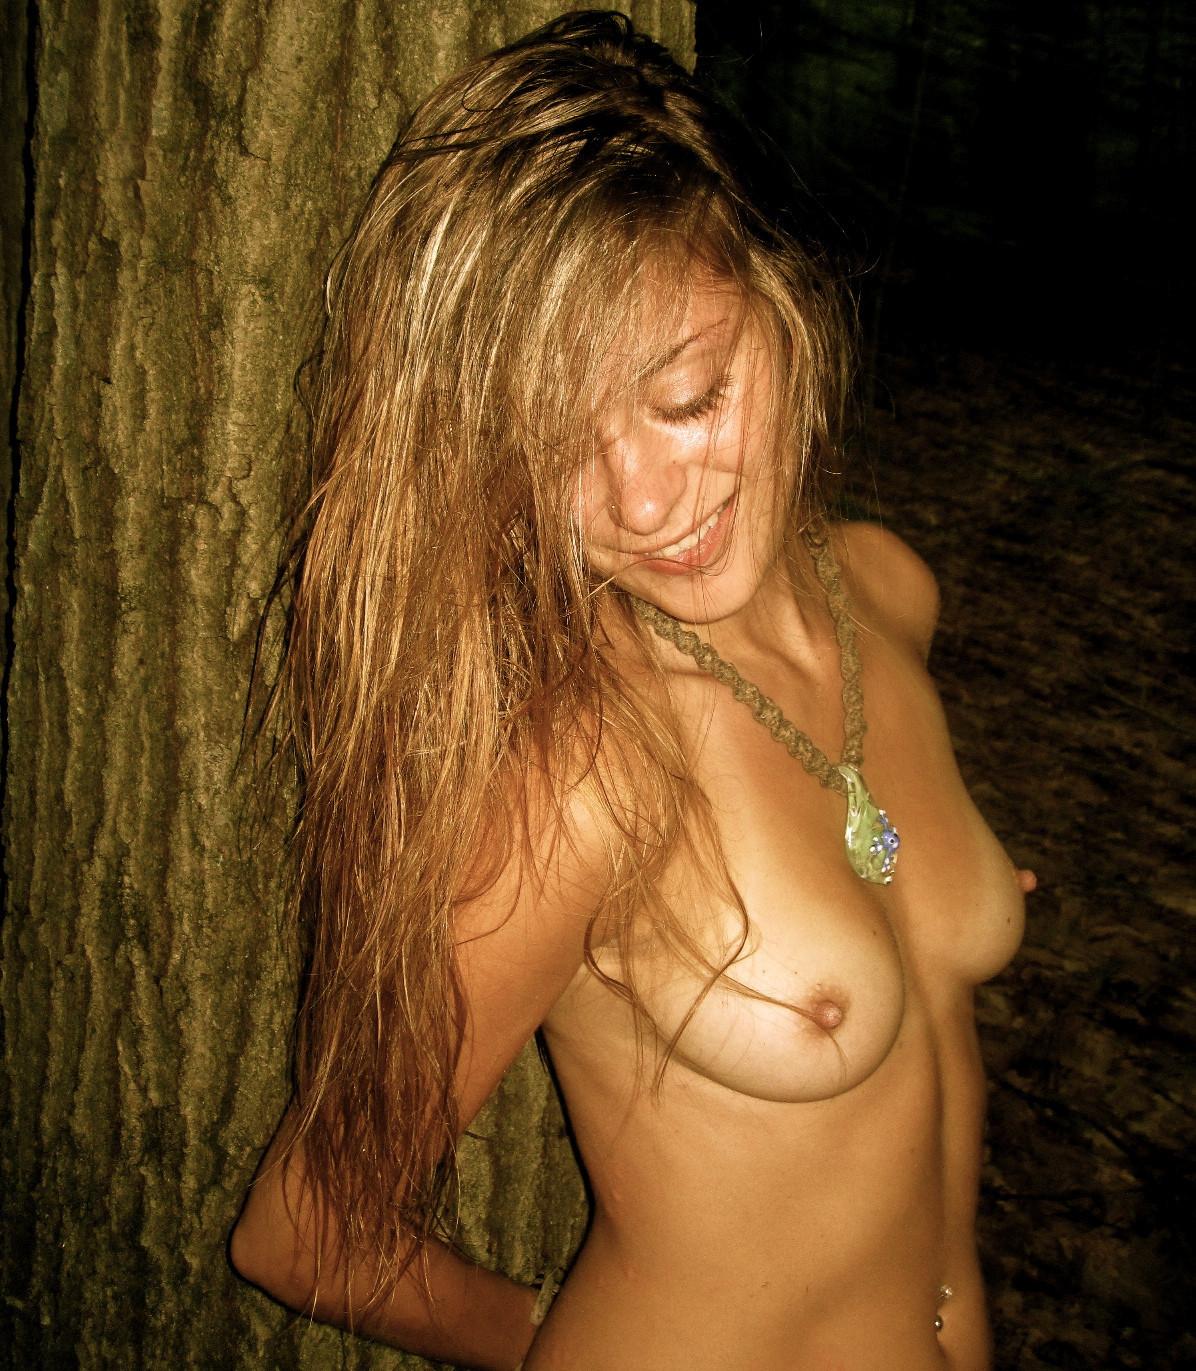 Молодые блондинки разгуливают с голой грудью перед камерой